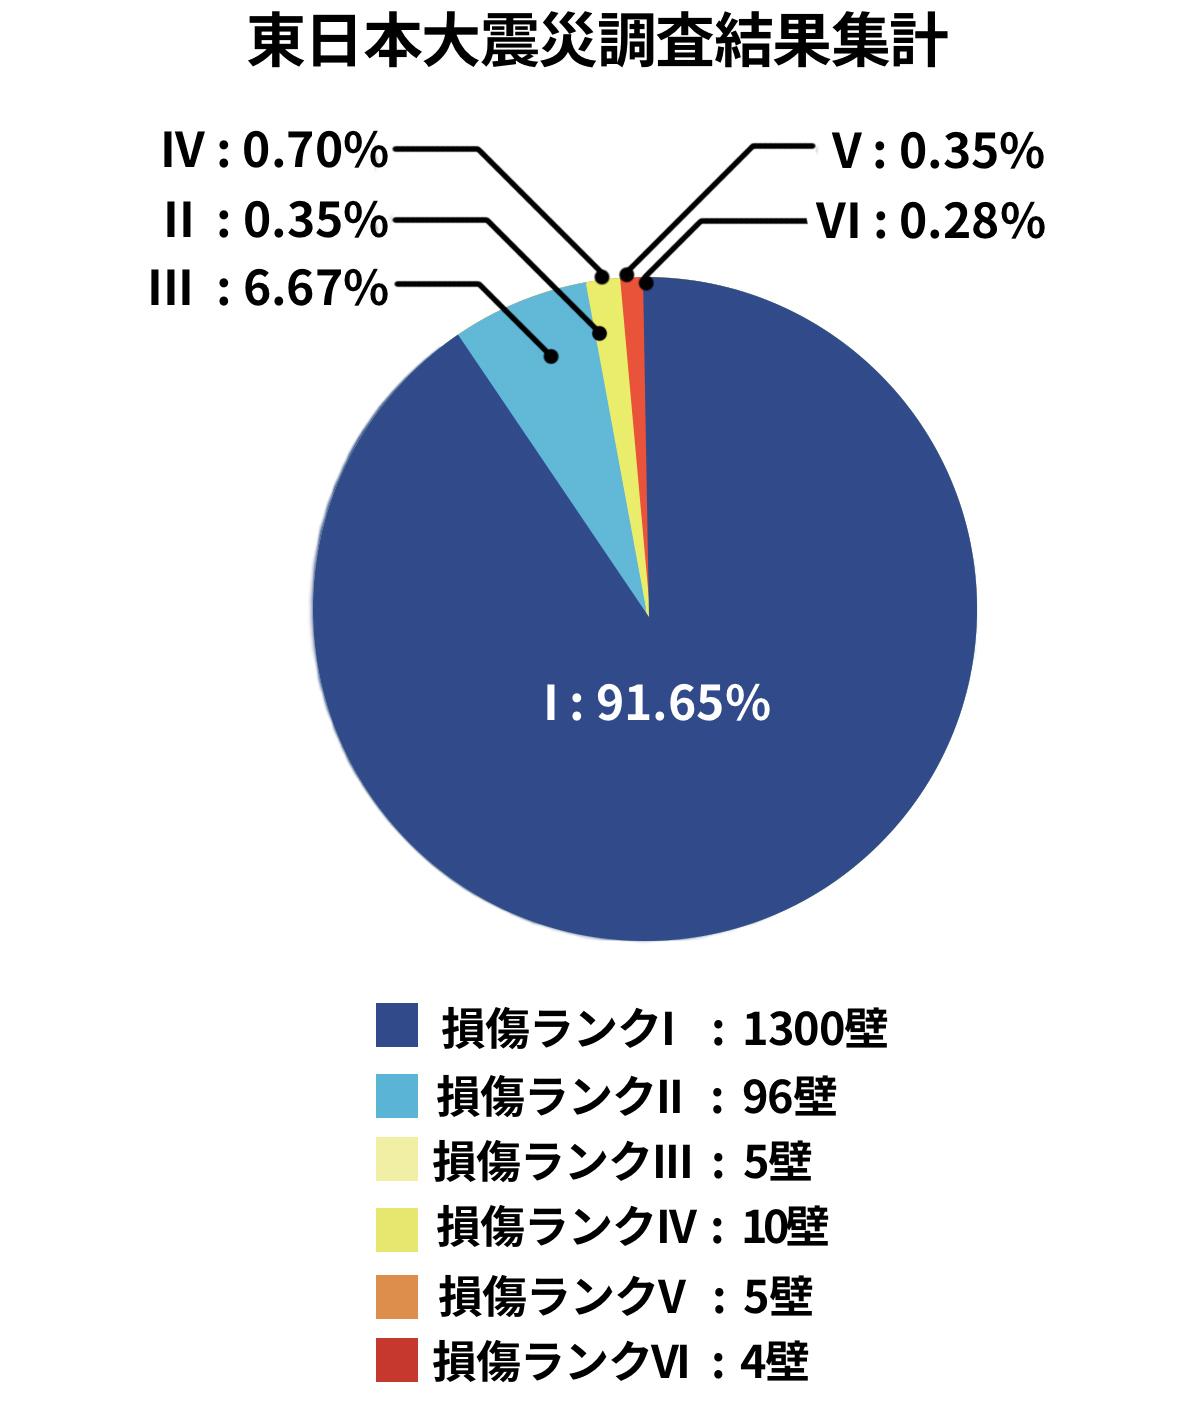 東日本大震災調査結果集計